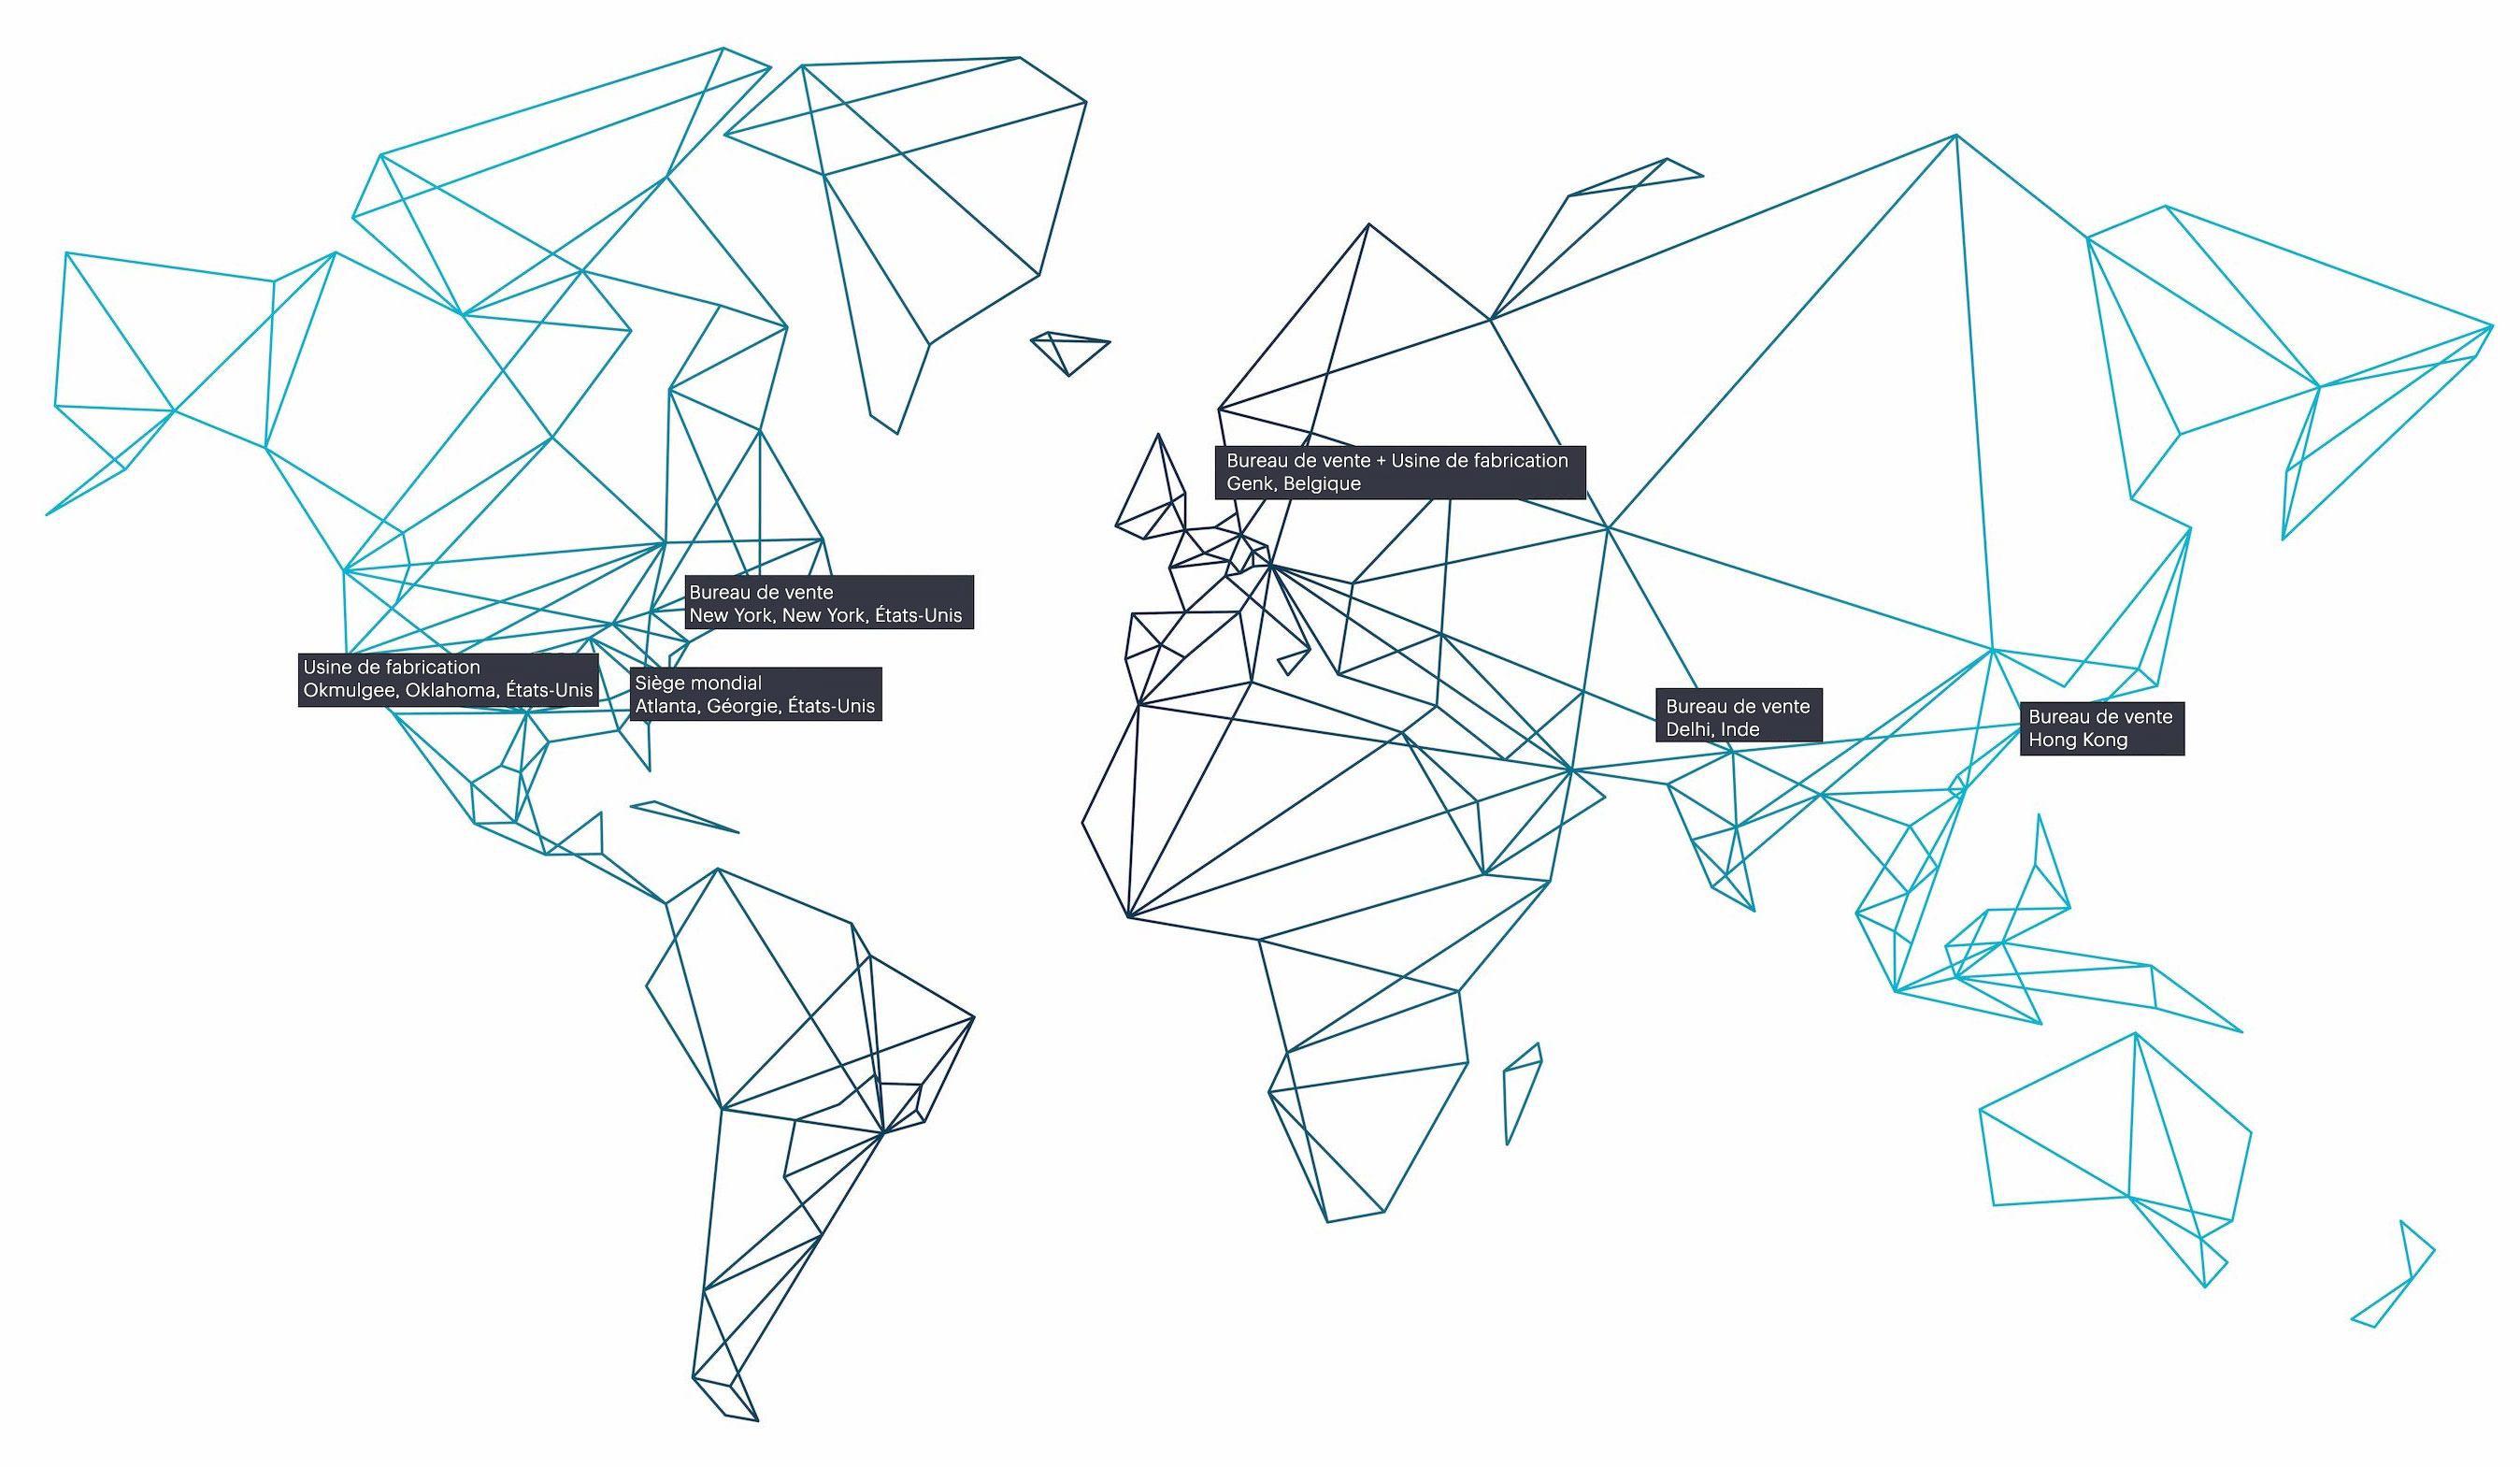 Carte interactive avec formes géographiques bleues montrant les emplacements de PolyVision